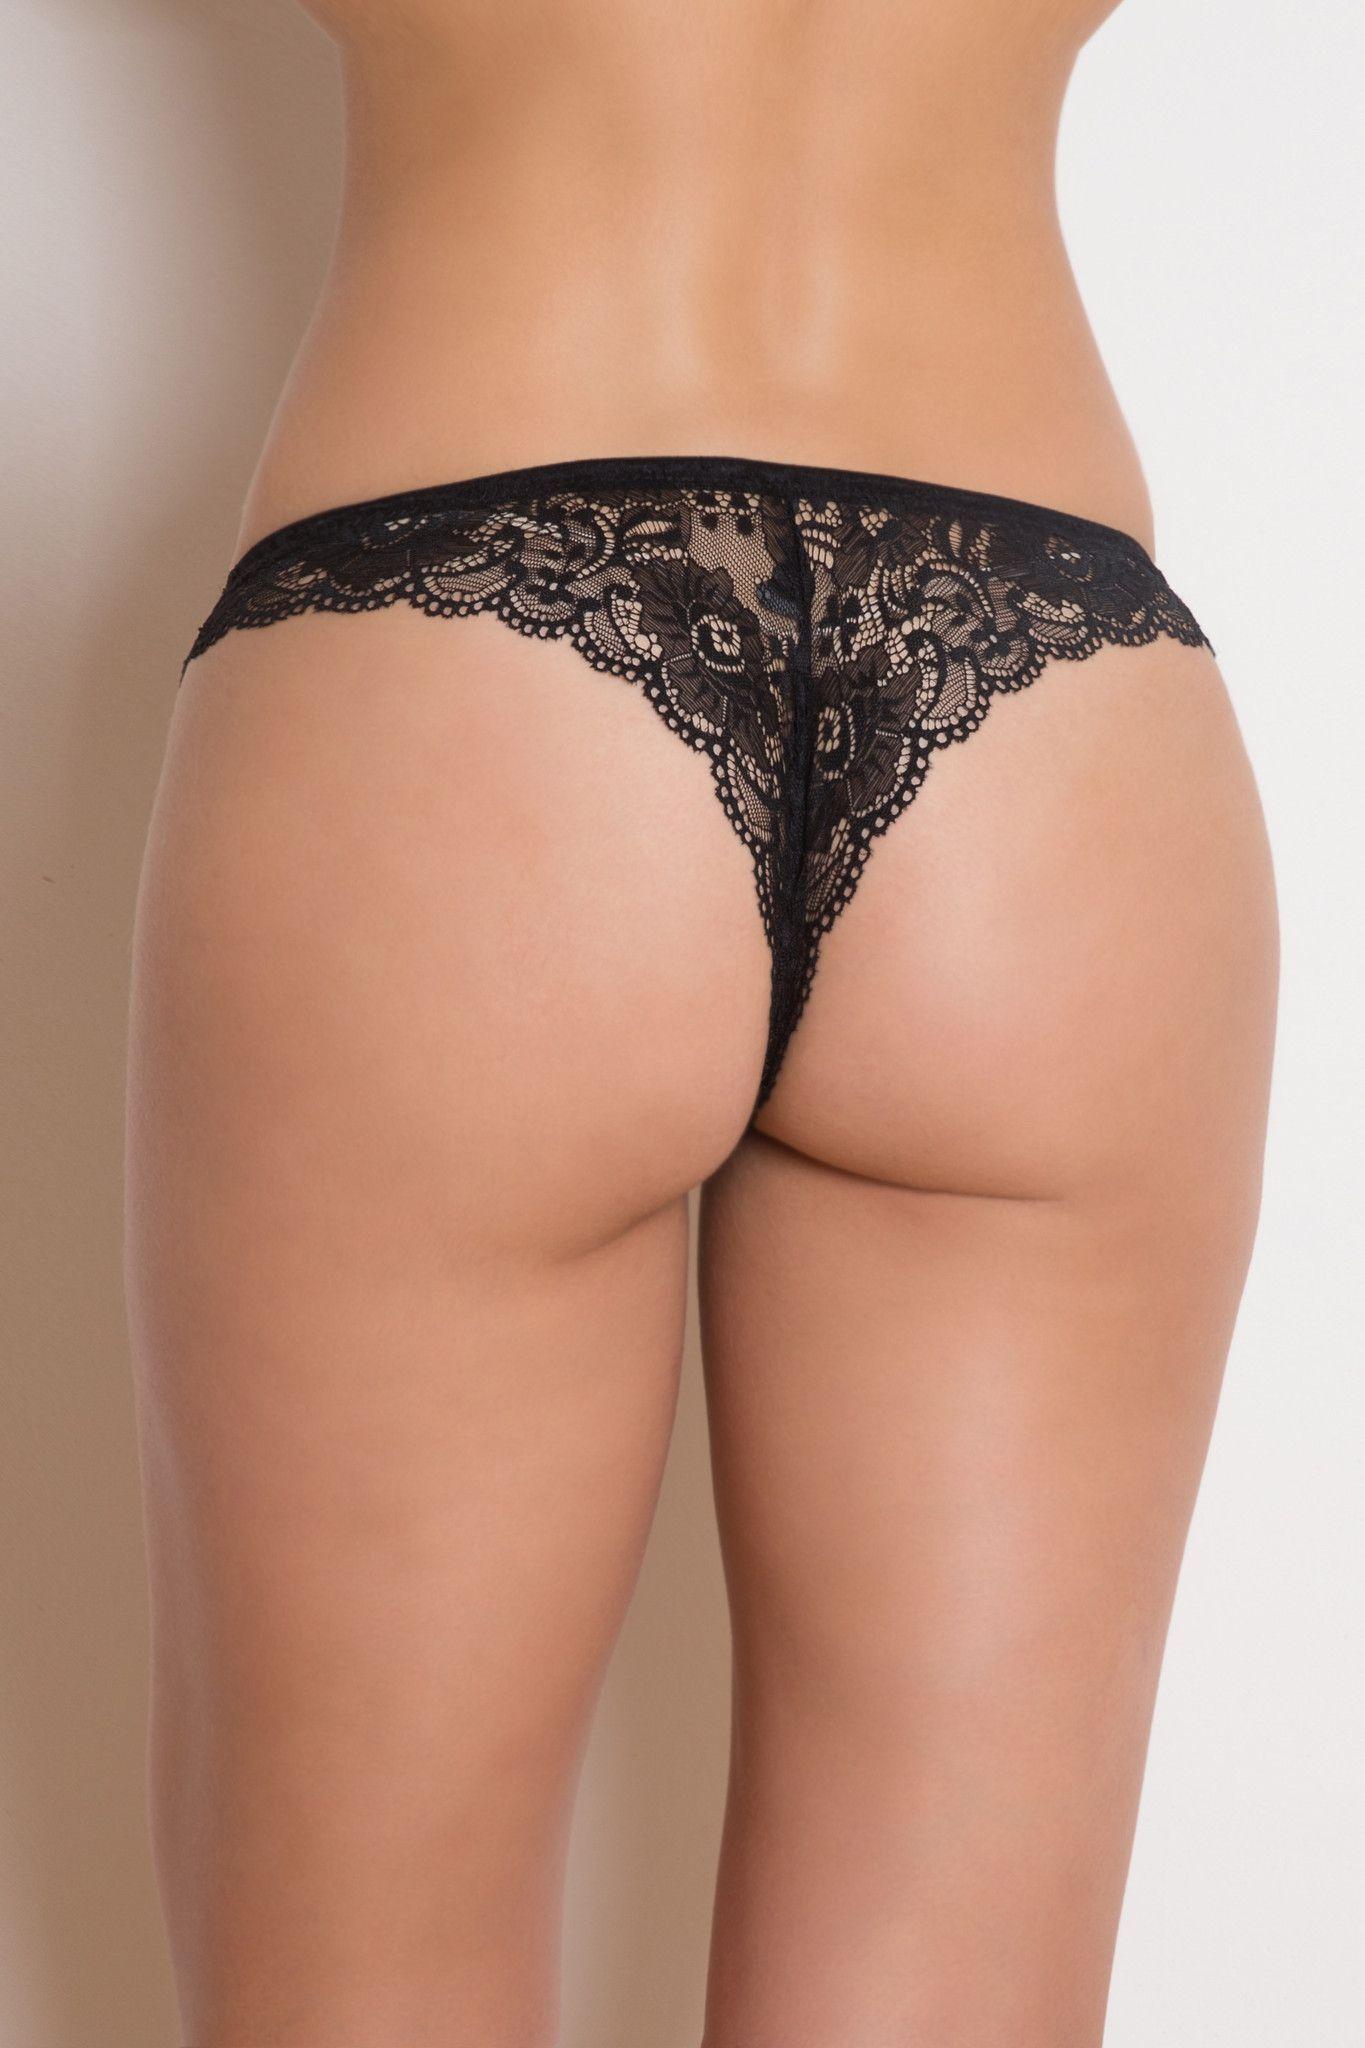 lingerie in brazil woman